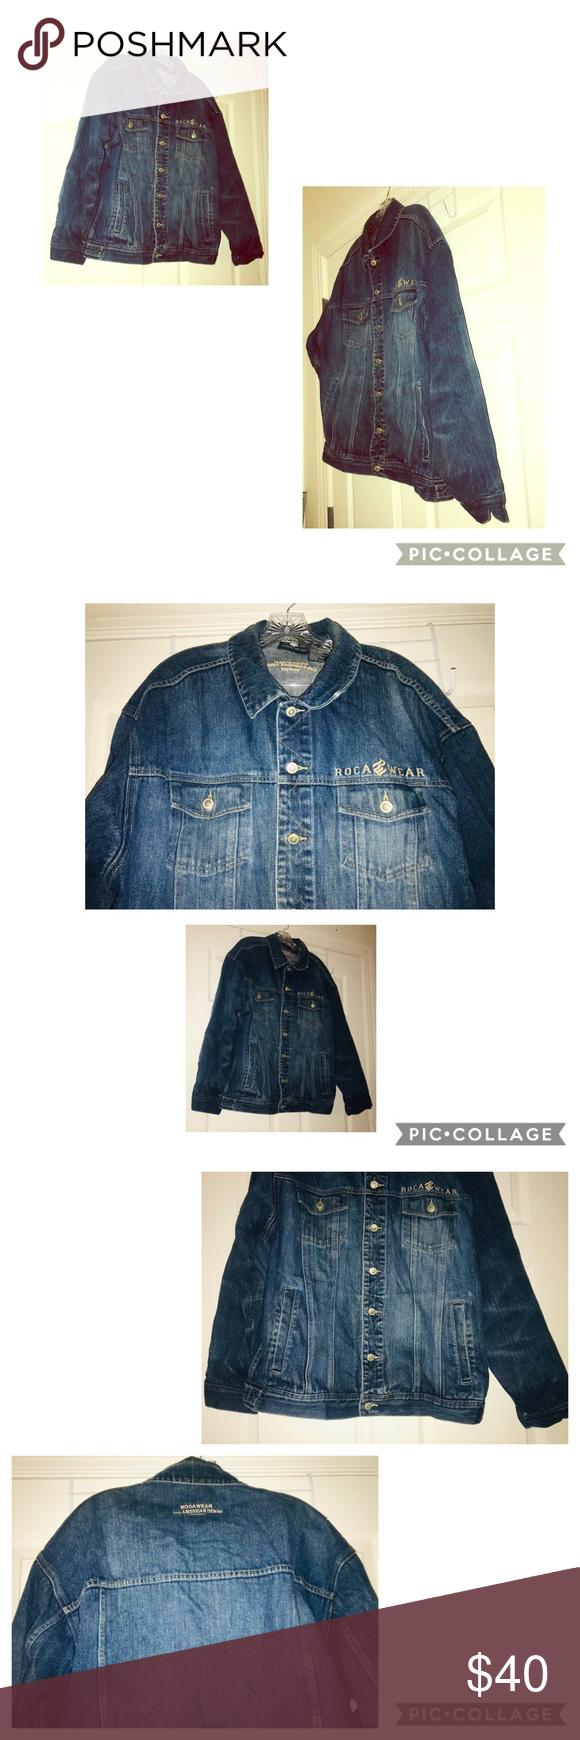 Denim Jean Vtg 90s Jacket Men S Size L Clothes Design Fashion Mens Jackets [ 1740 x 580 Pixel ]